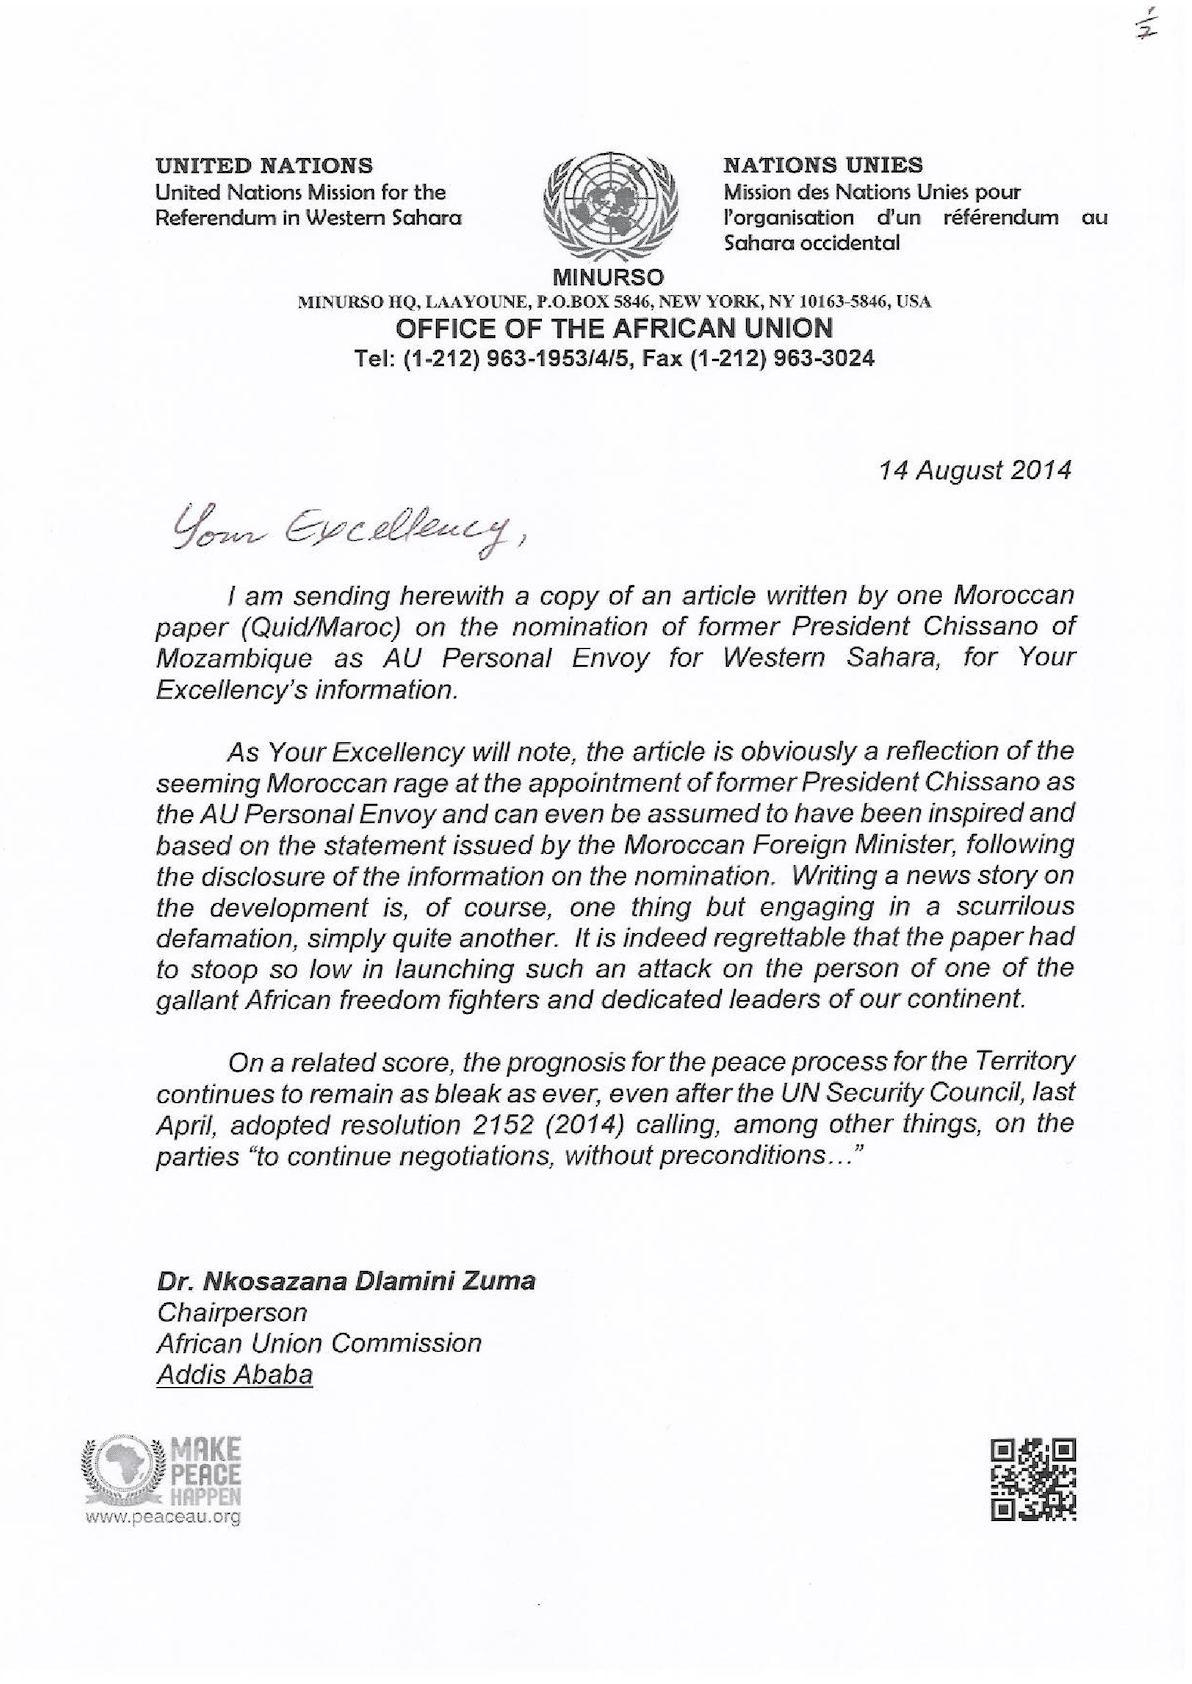 Au Special Envoy For Western Sahara